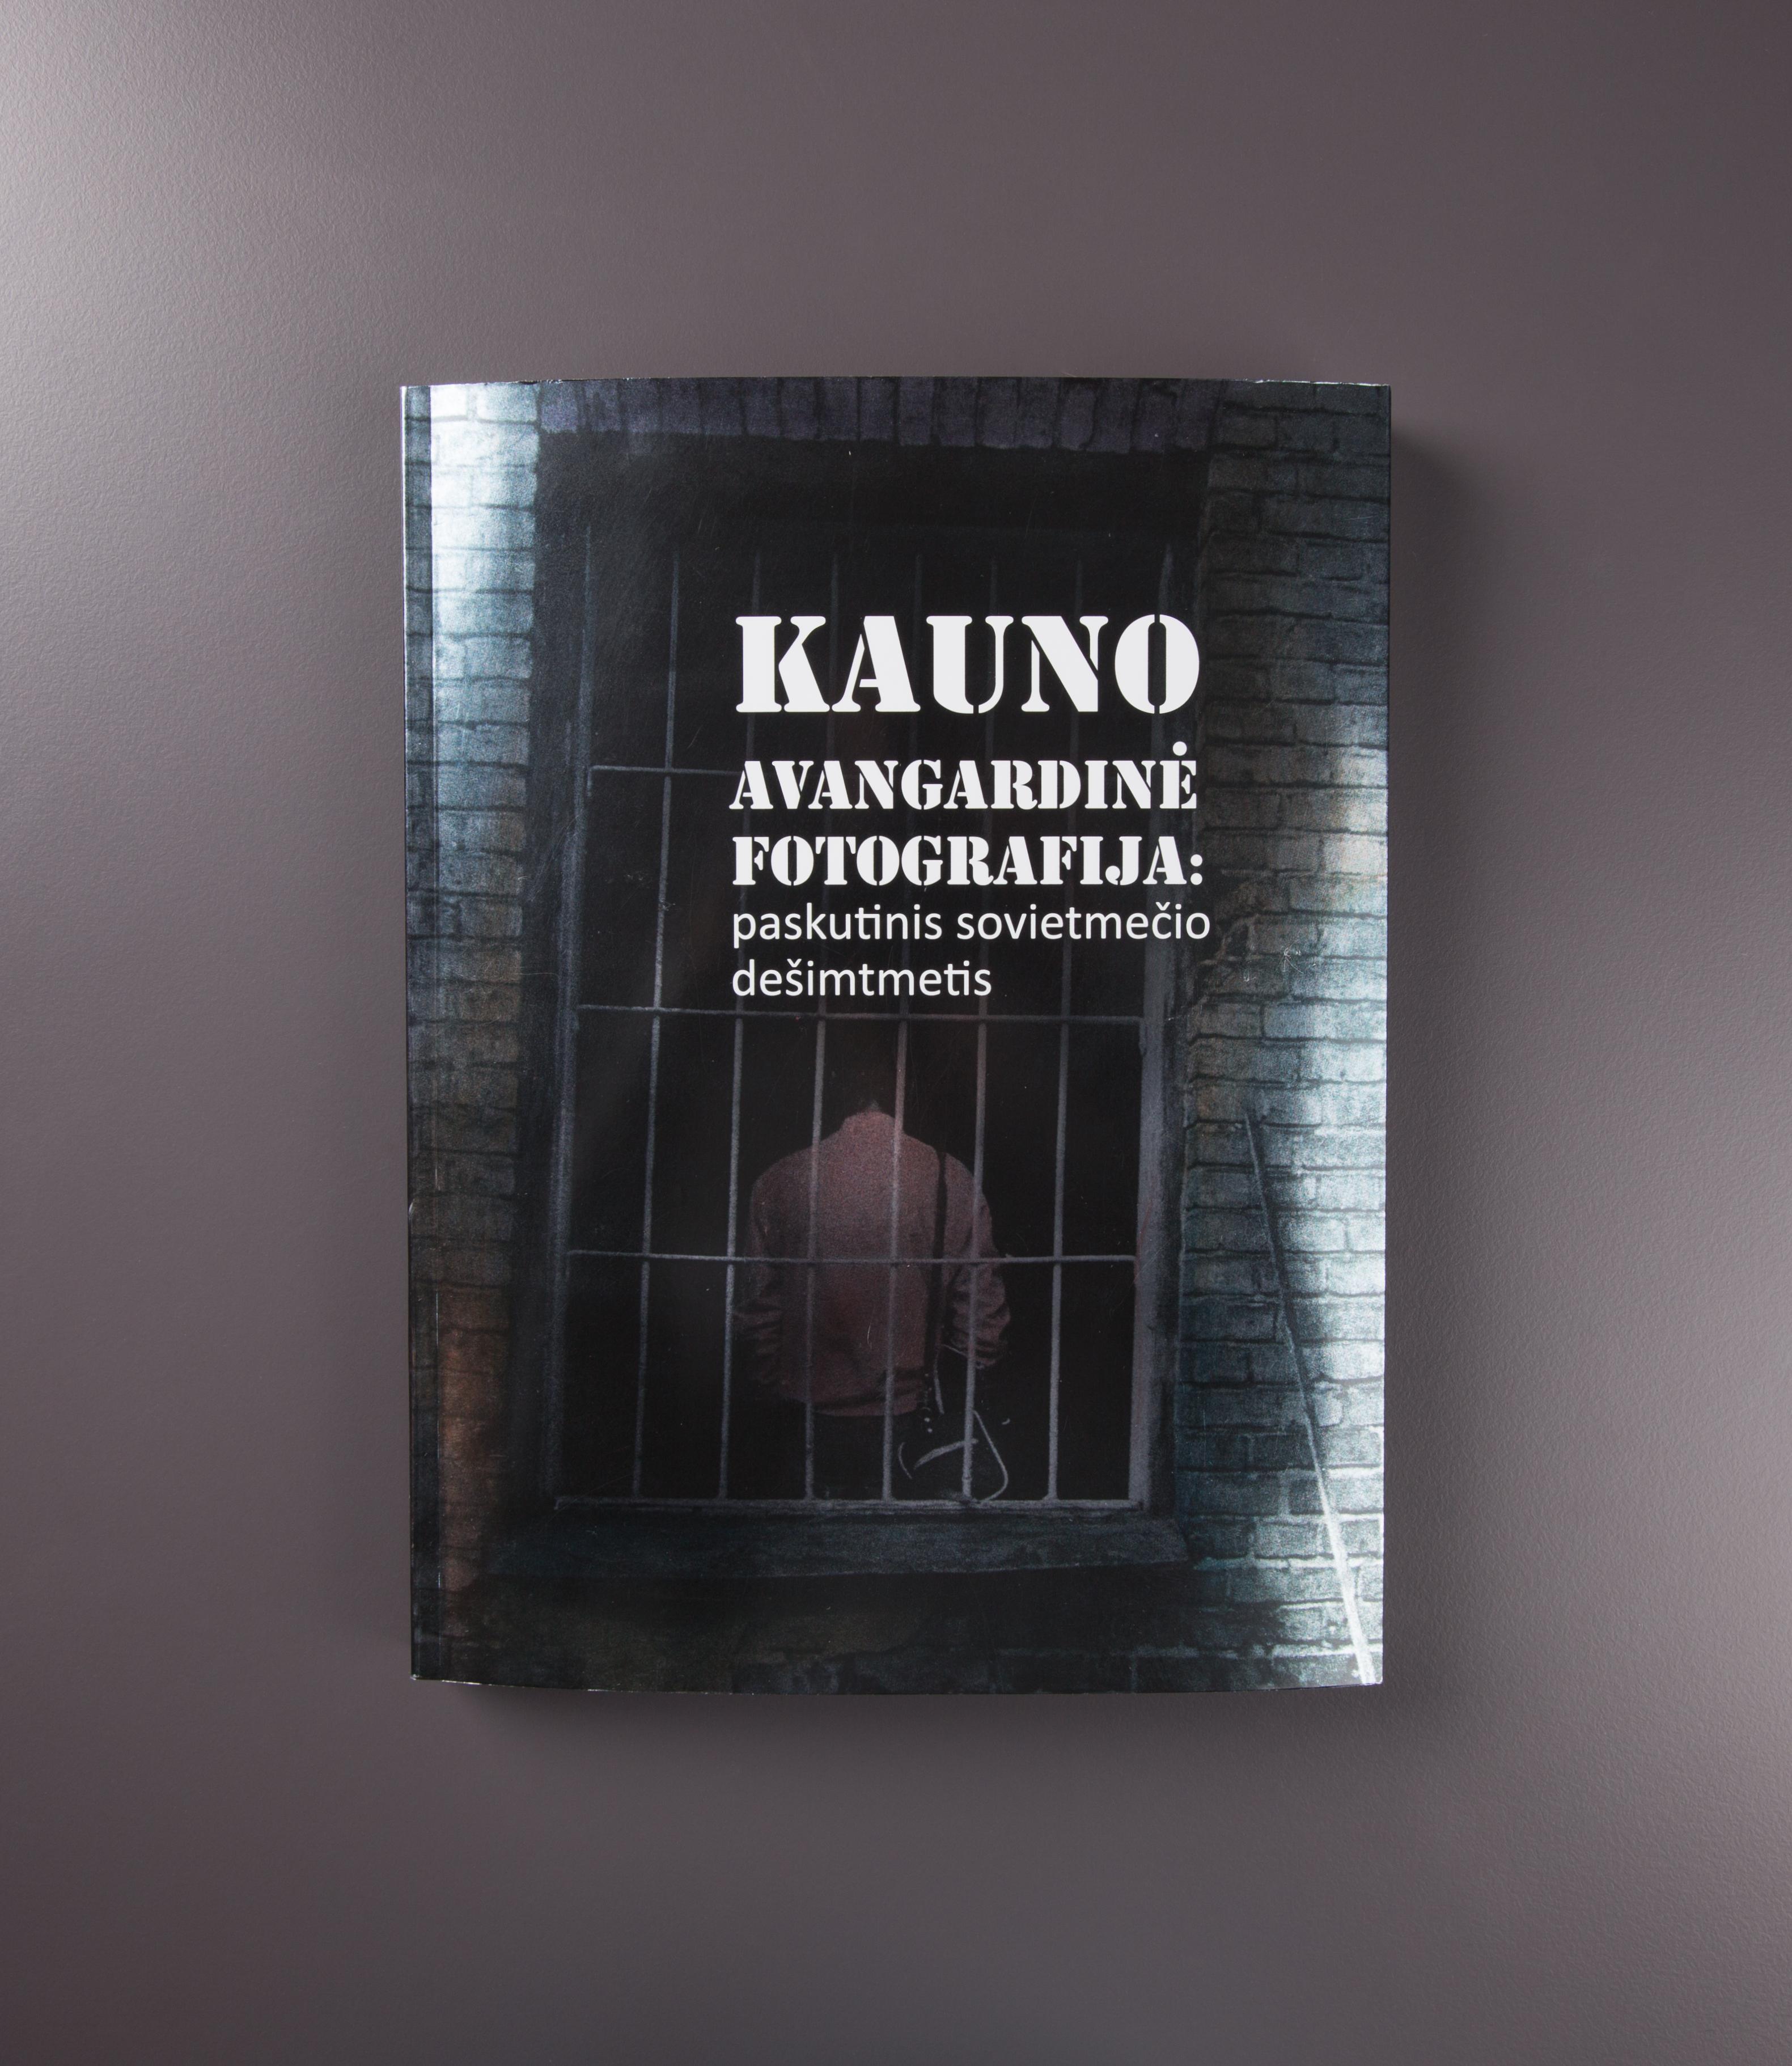 Kauno avangardinė fotografija: paskutinis sovietmečio dešimtmetis